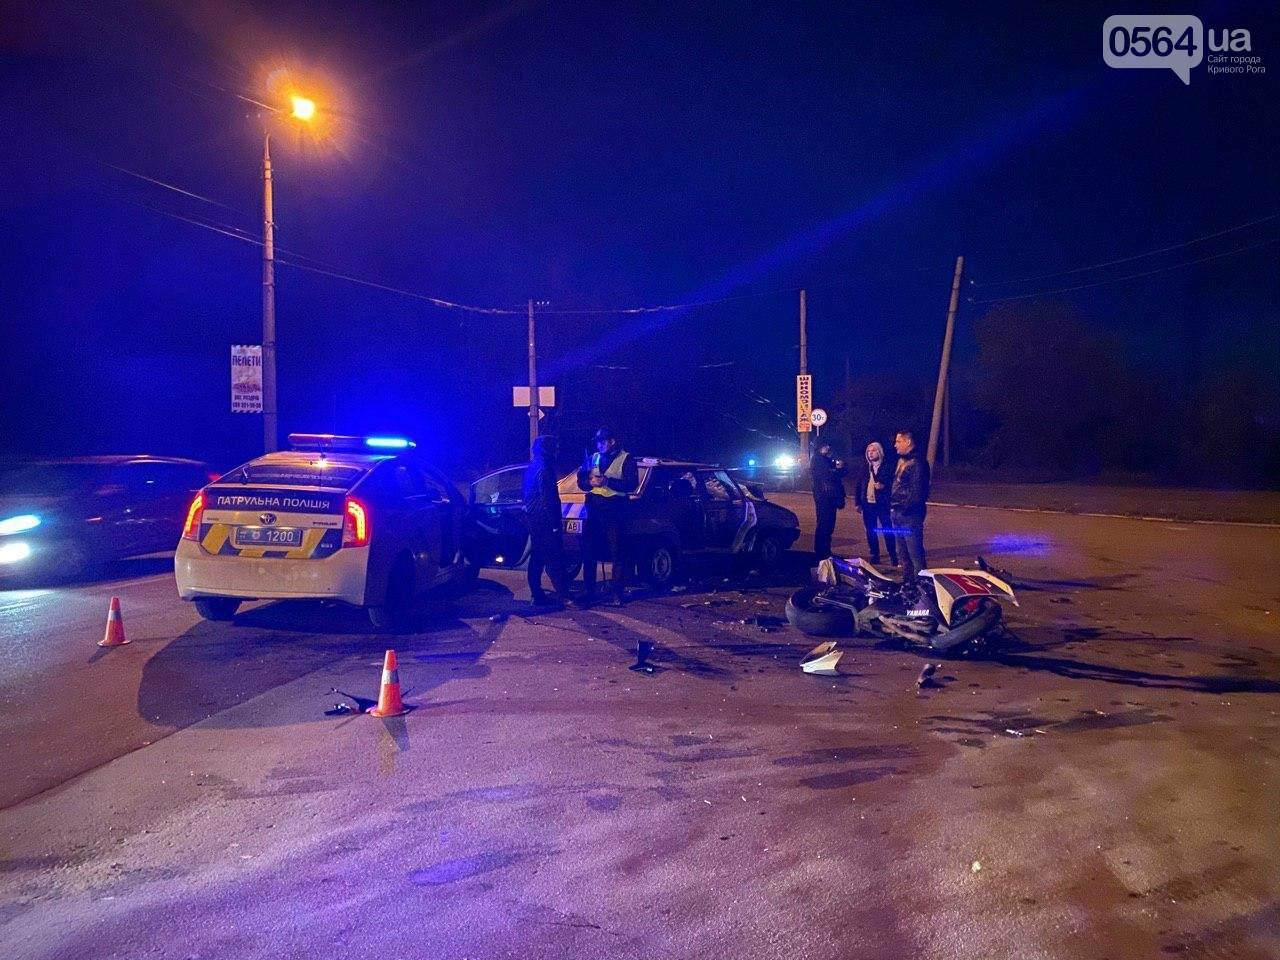 Тройное ДТП в Кривом Роге - дорогу не поделили мотоцикл и две легковушки. Есть пострадавшие, - ФОТО, ВИДЕО, фото-11